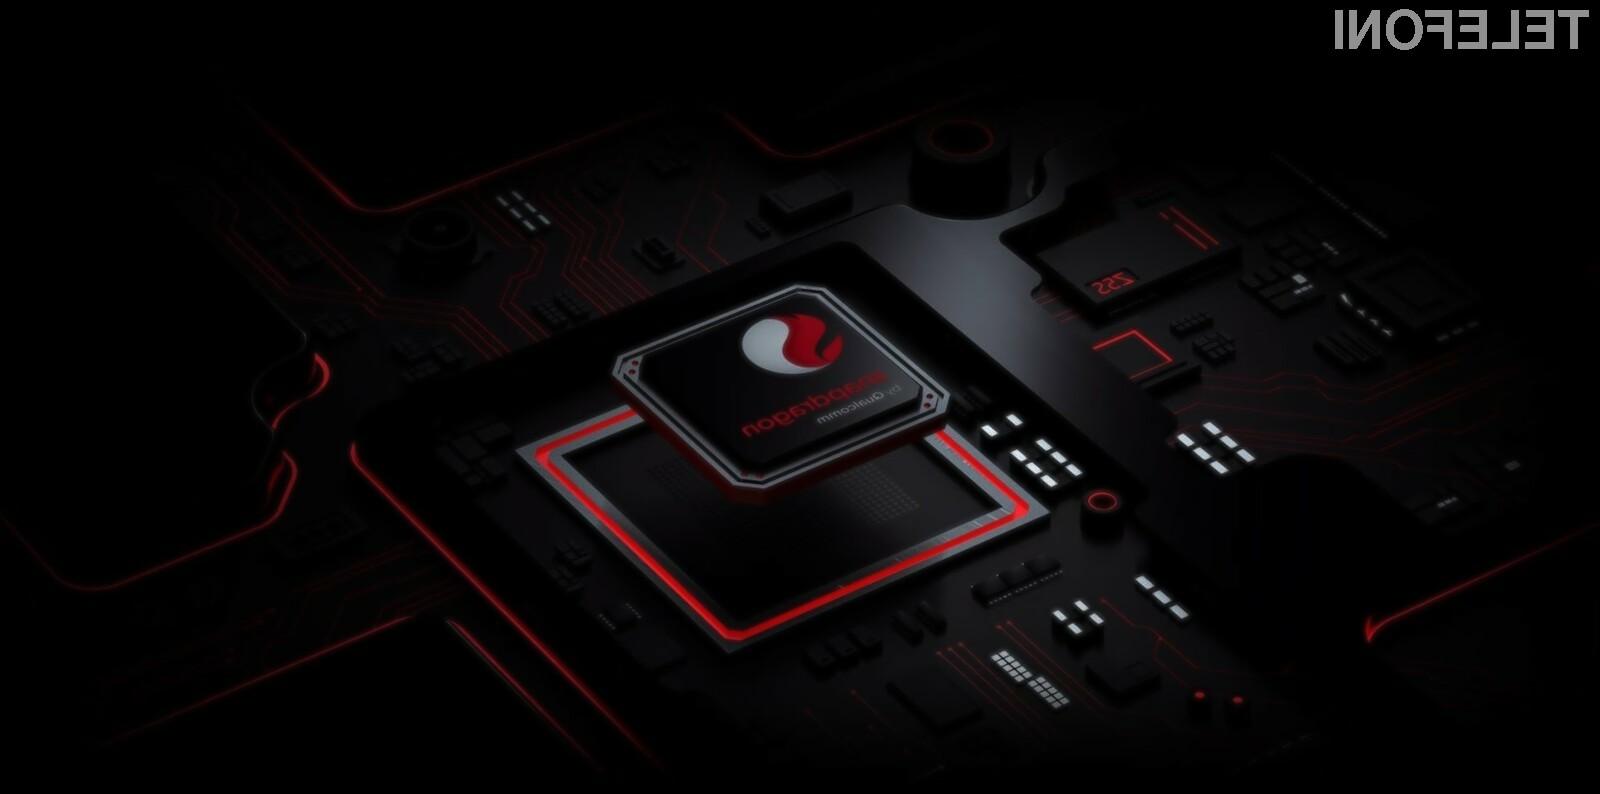 Mobilni procesor Snapdragon 735 bo po vsej verjetnosti namenjen predvsem mobilnim napravam srednjega cenovnega razreda.